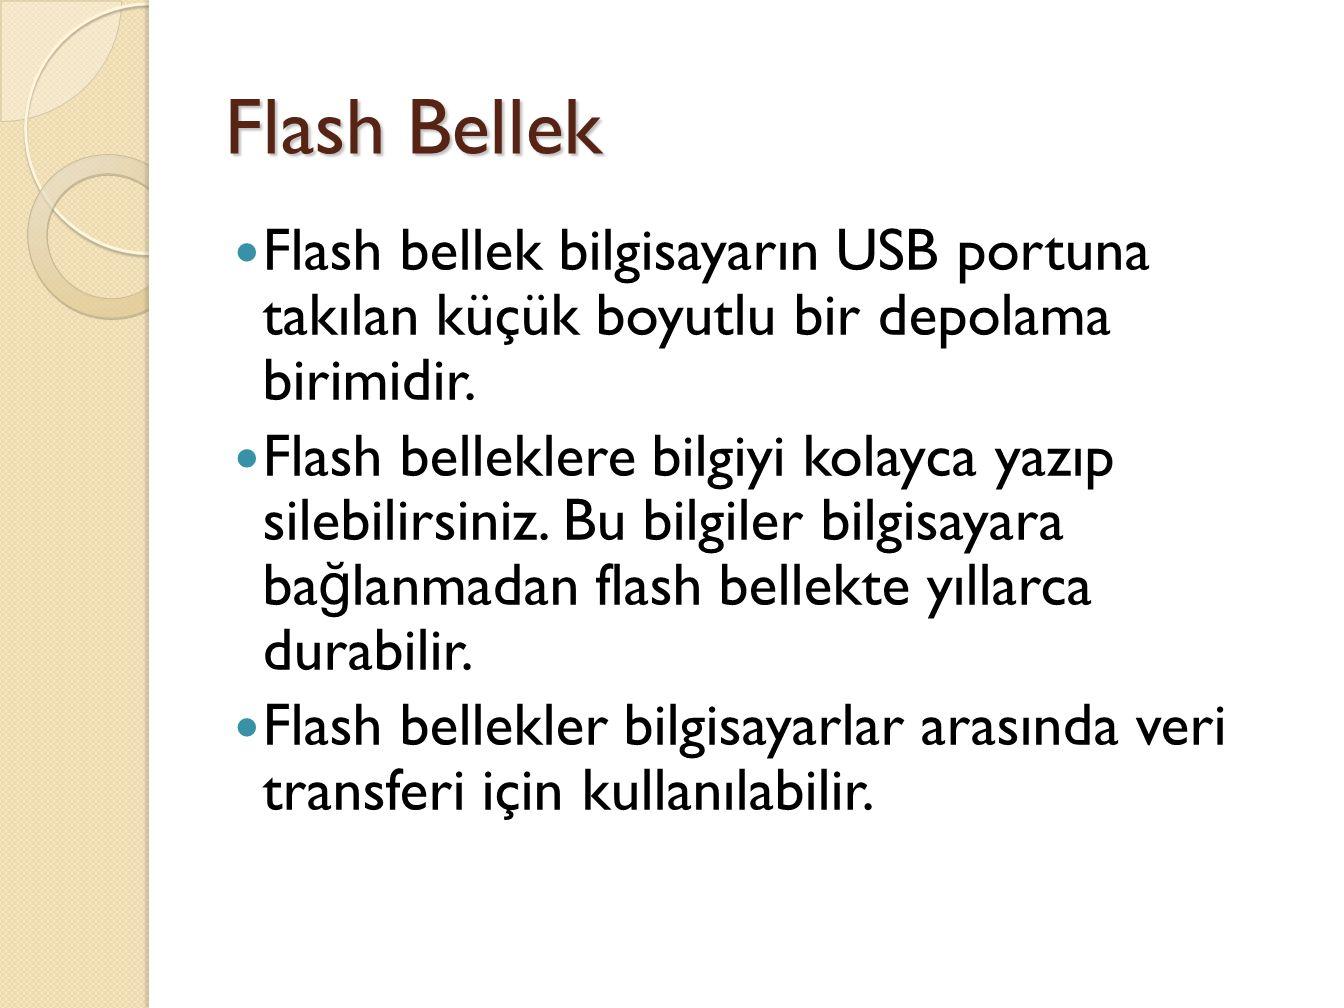 Flash bellek bilgisayarın USB portuna takılan küçük boyutlu bir depolama birimidir.